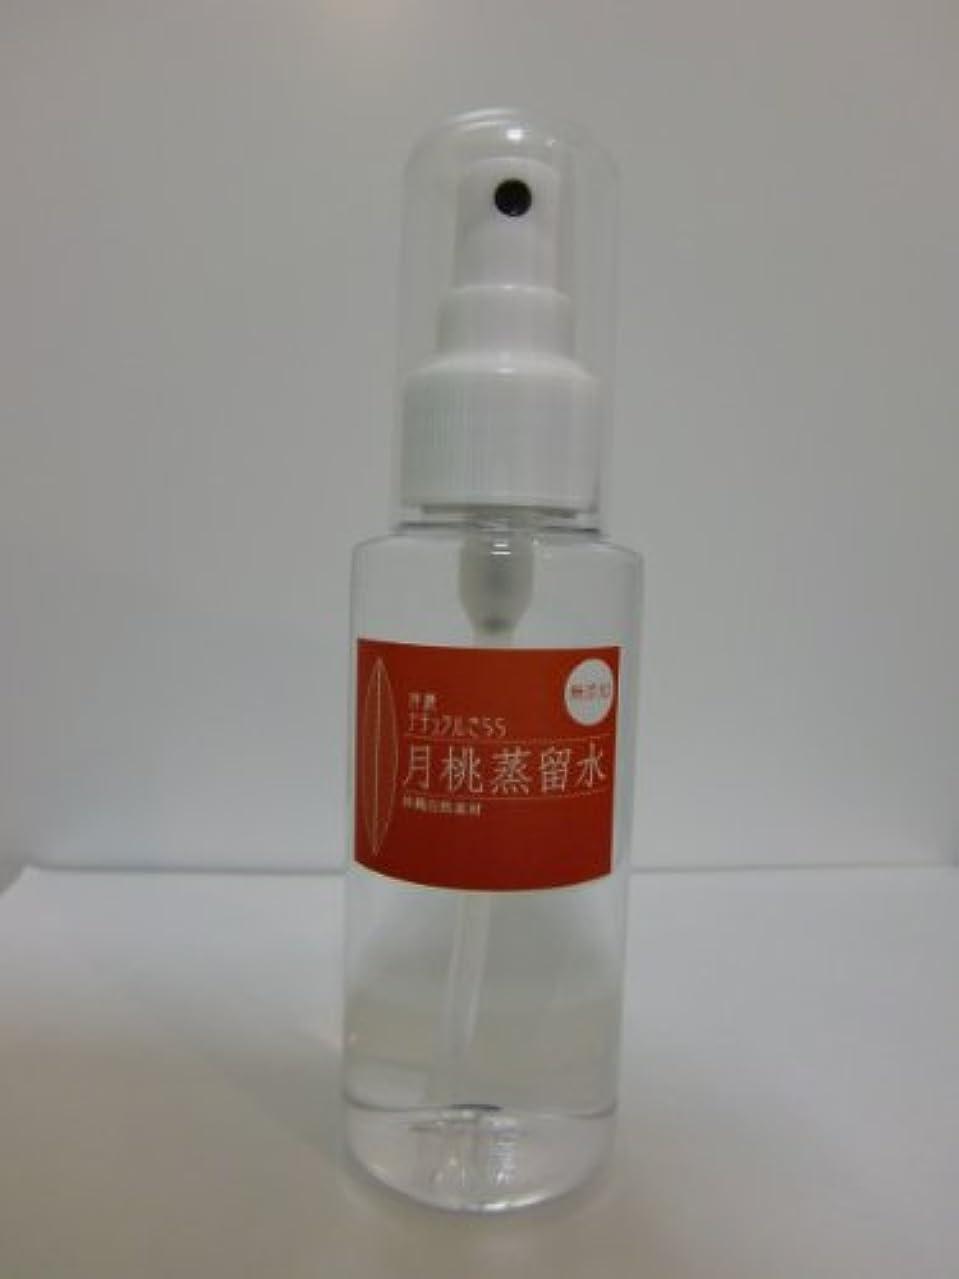 量一般緩やかな新?月桃蒸留水(100ml)